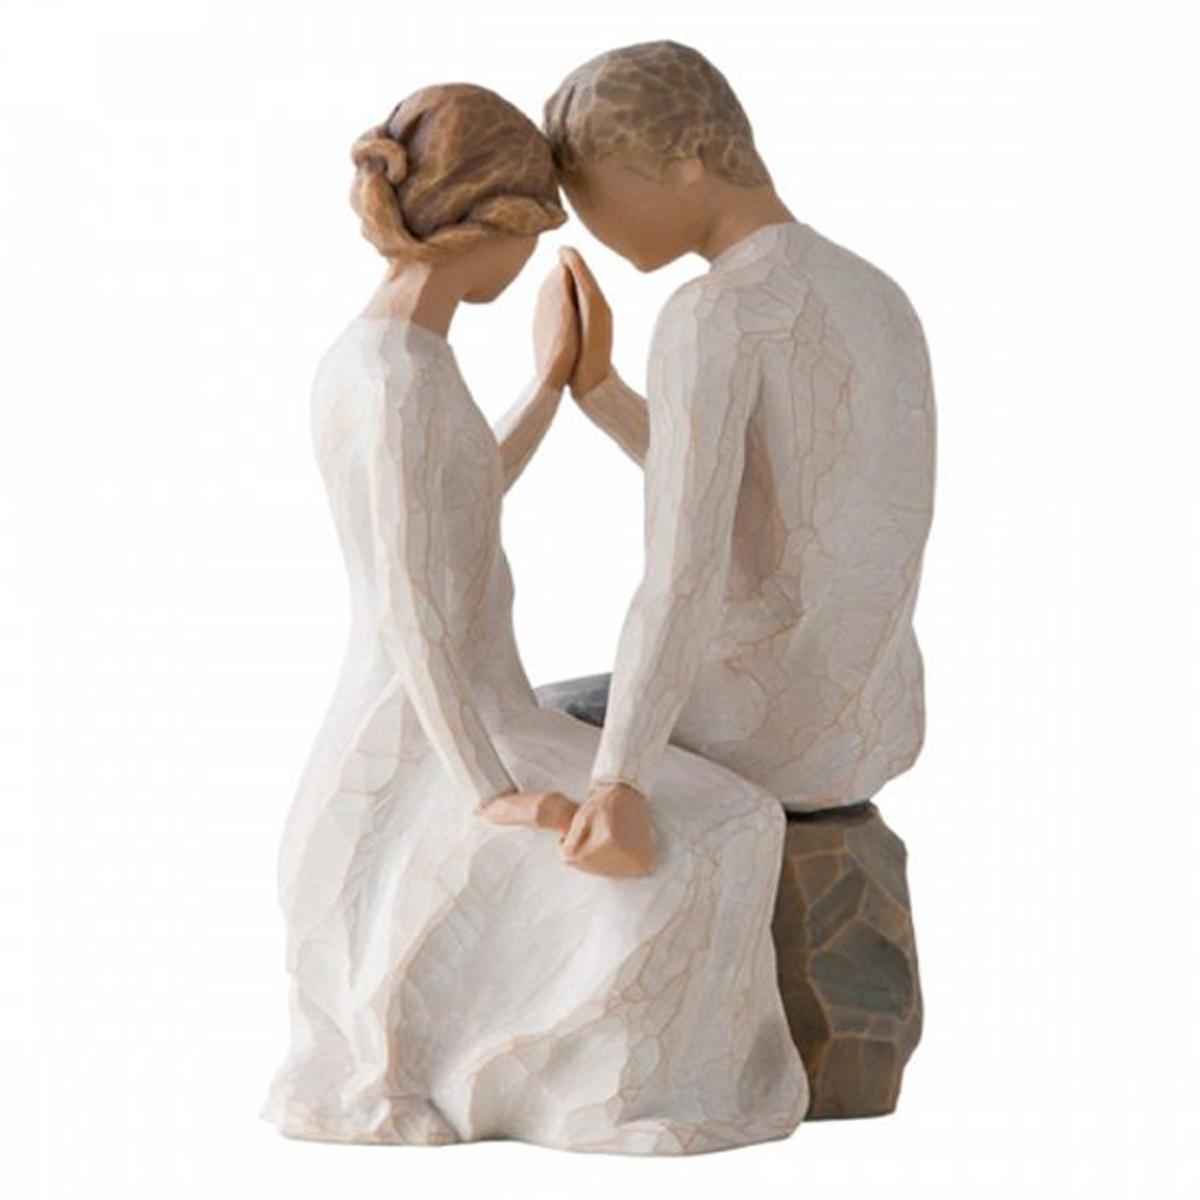 Figurine résine \'Willow Tree\' (Love - couple dans sa bulle de grâce) - 165x125x10 cm - [R2992]